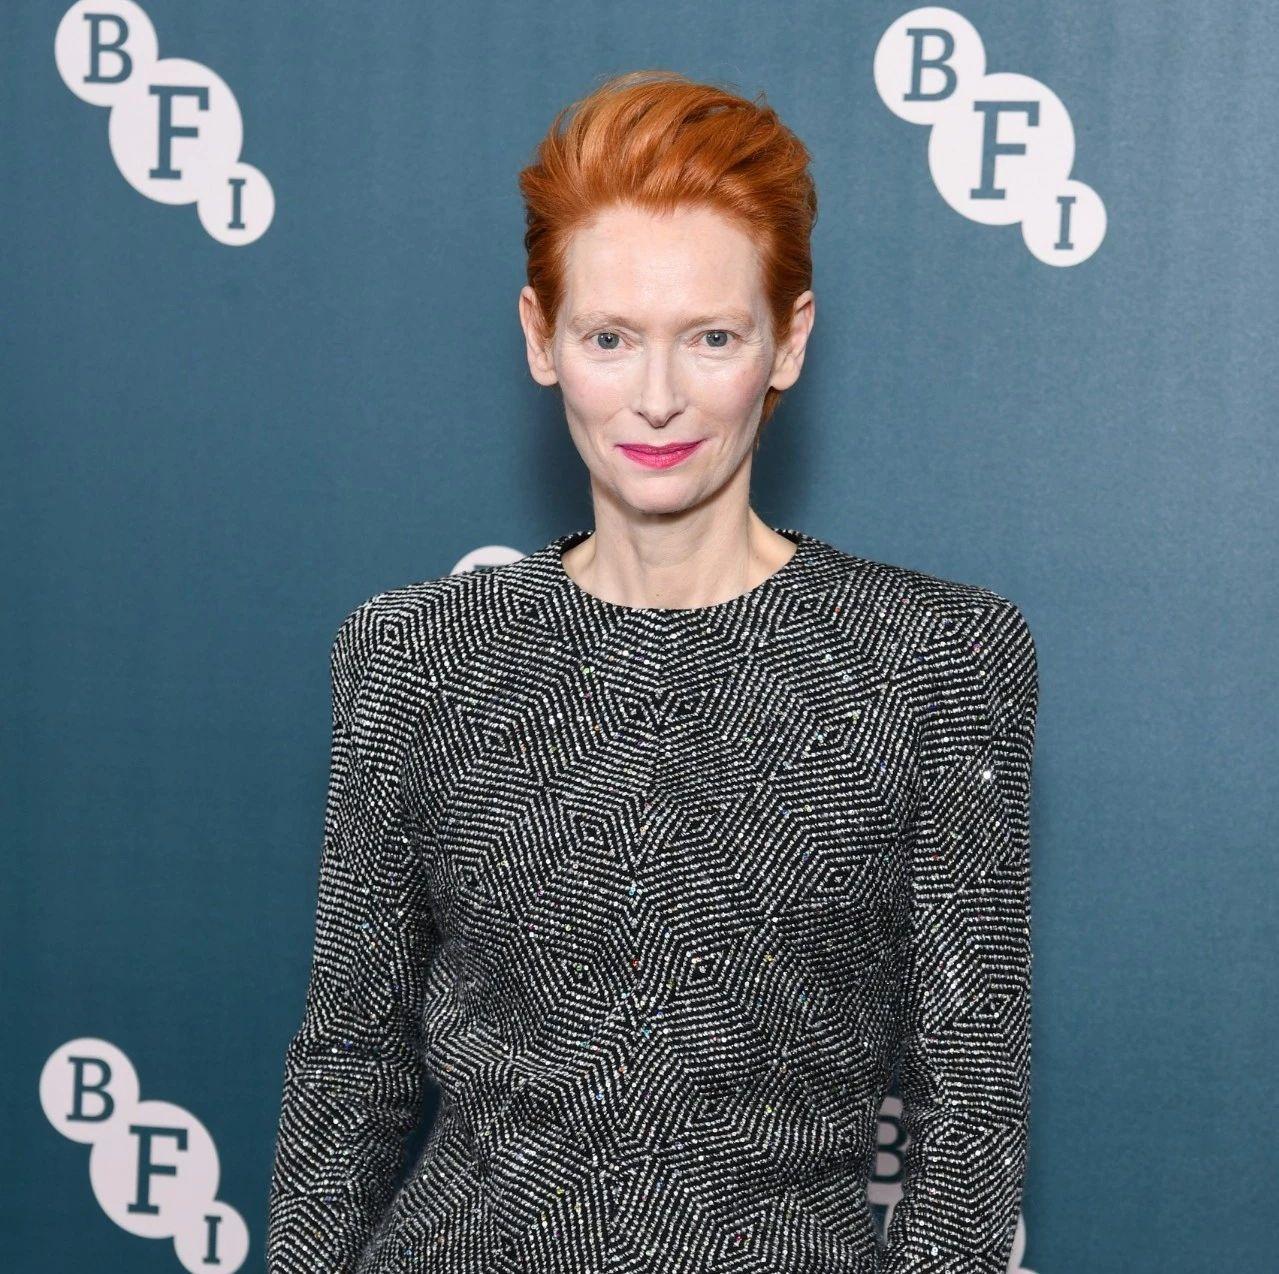 活动丨蒂尔达·斯文顿荣获英国电影协会至高荣誉奖